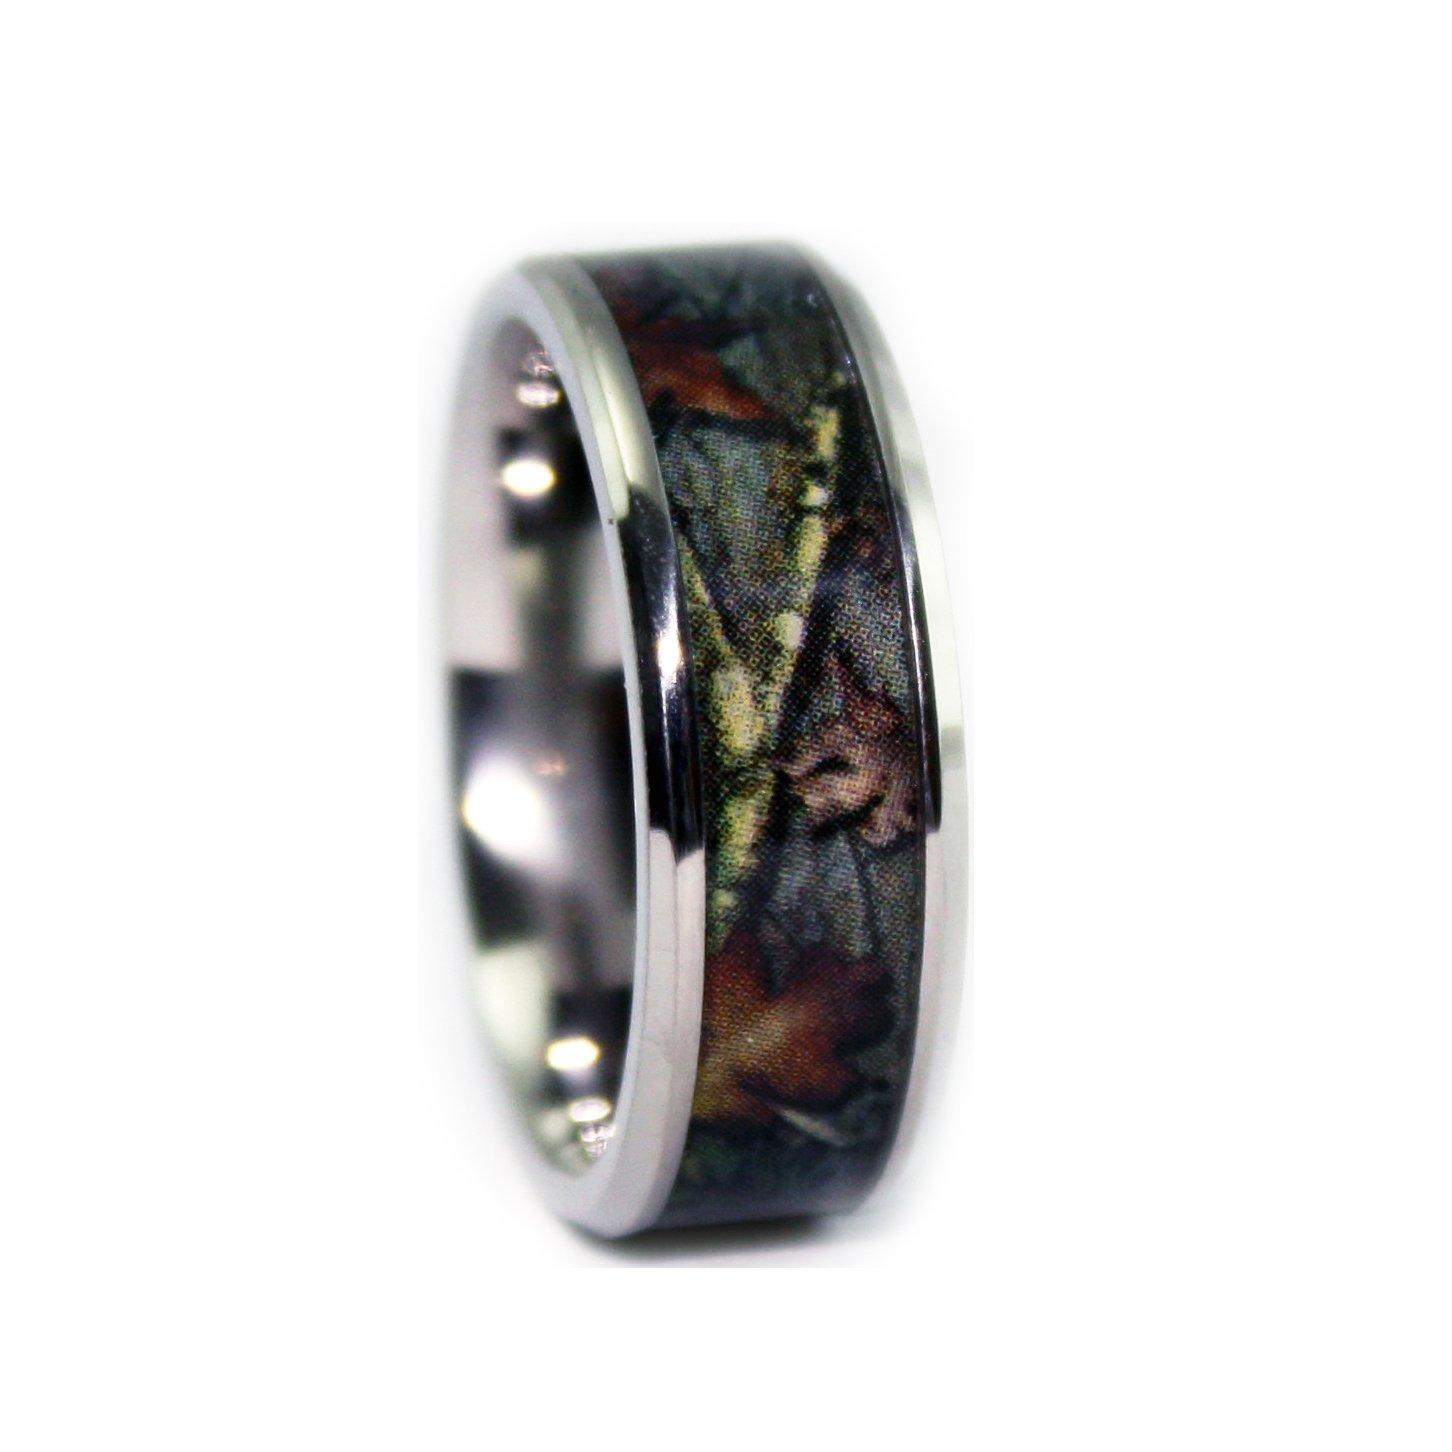 #1 Camo Bevel Titanium Rings - Camouflage Wedding Engagement Band - Ring Size 12.5